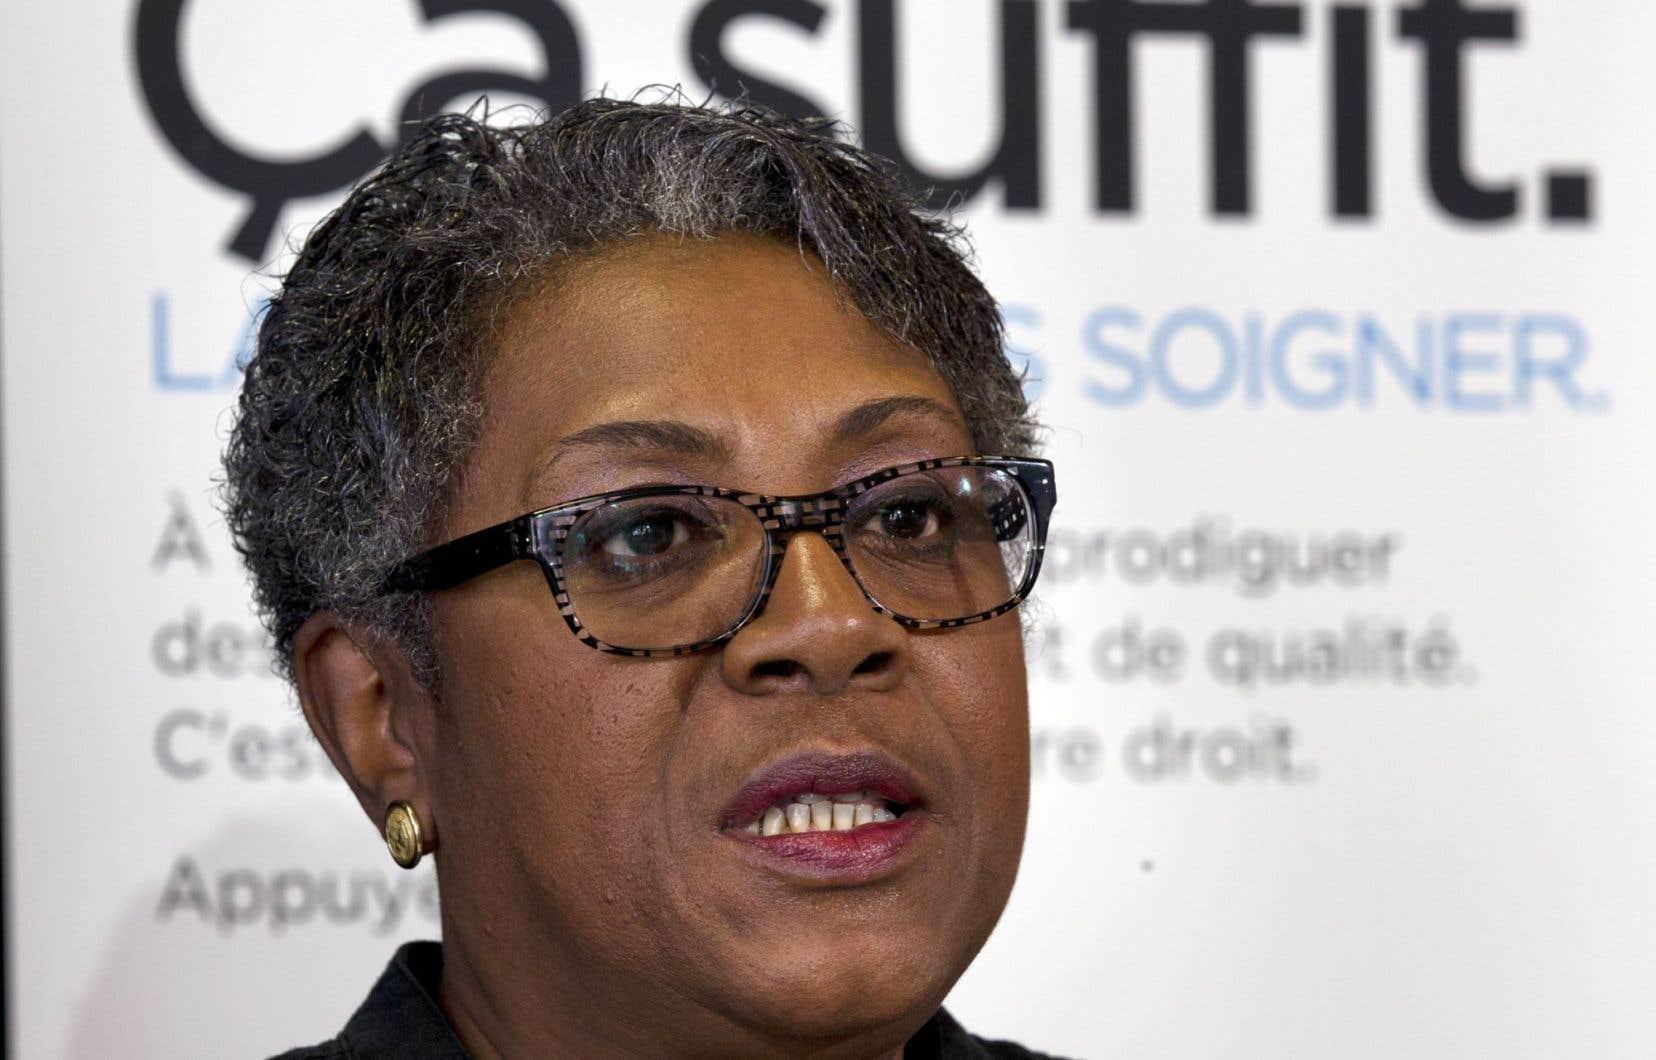 La présidente de la Fédération interprofessionnelle de la santé du Québec, Régine Laurent